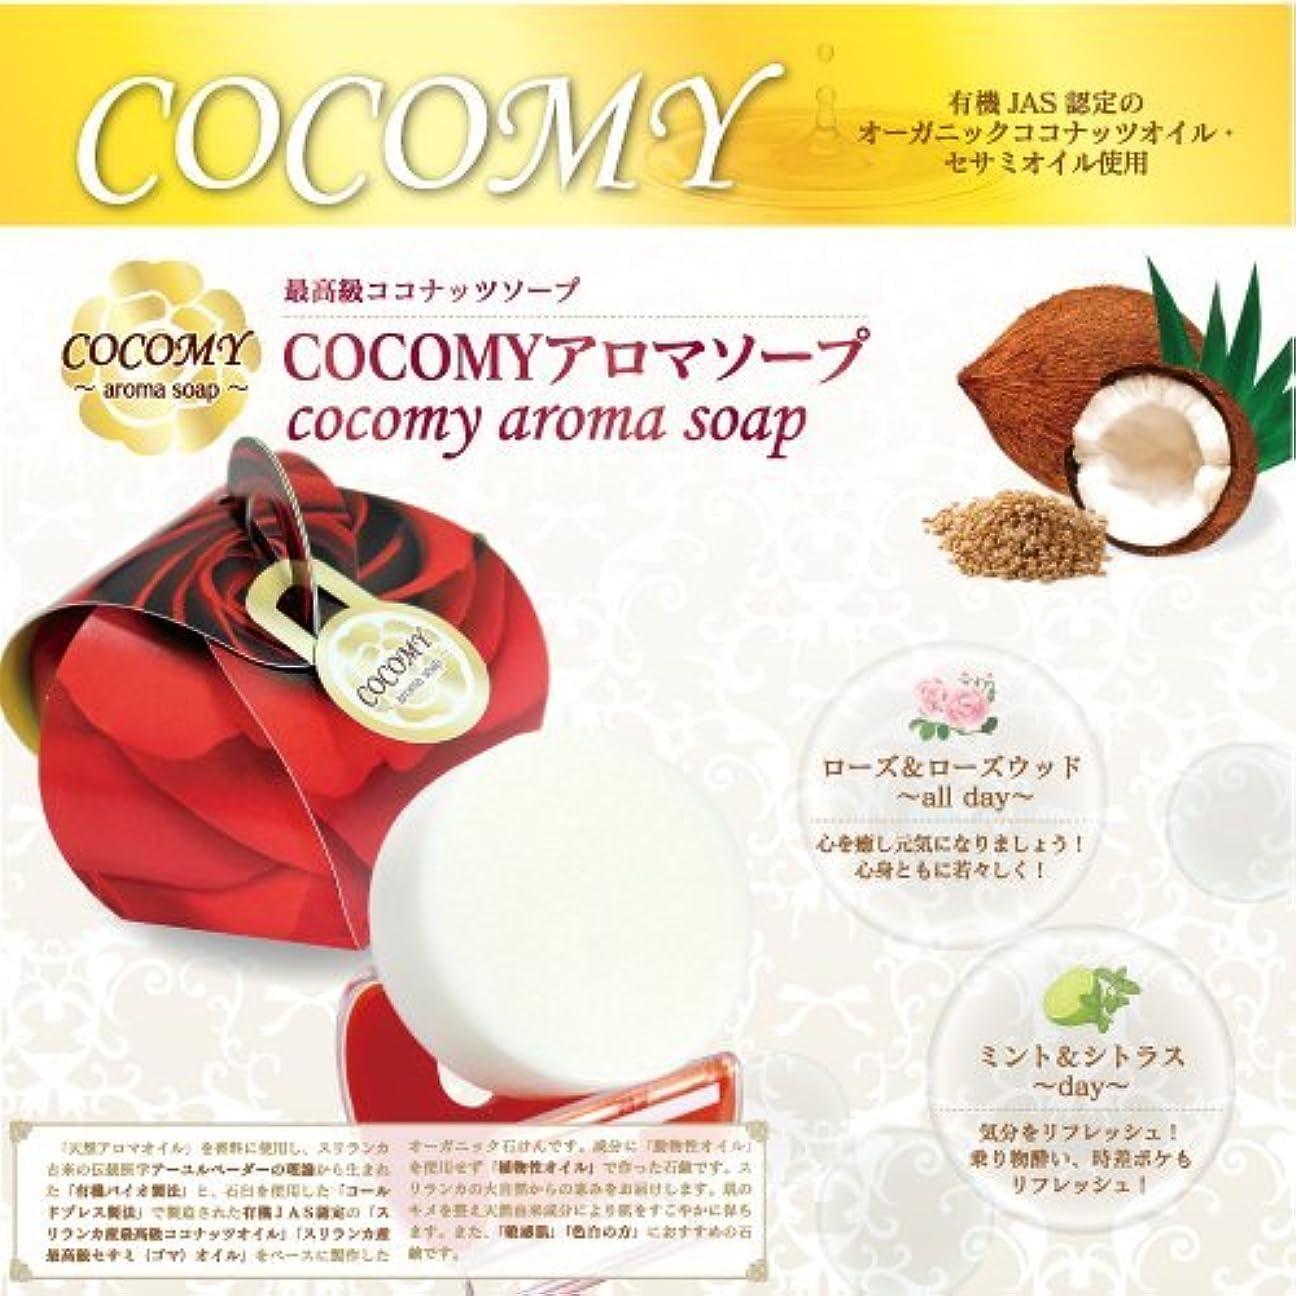 ヶ月目ビルダー自分のためにCOCOMY aromaソープ 2個セット (ミント&シトラス)(ローズ&ローズウッド) 40g×各1